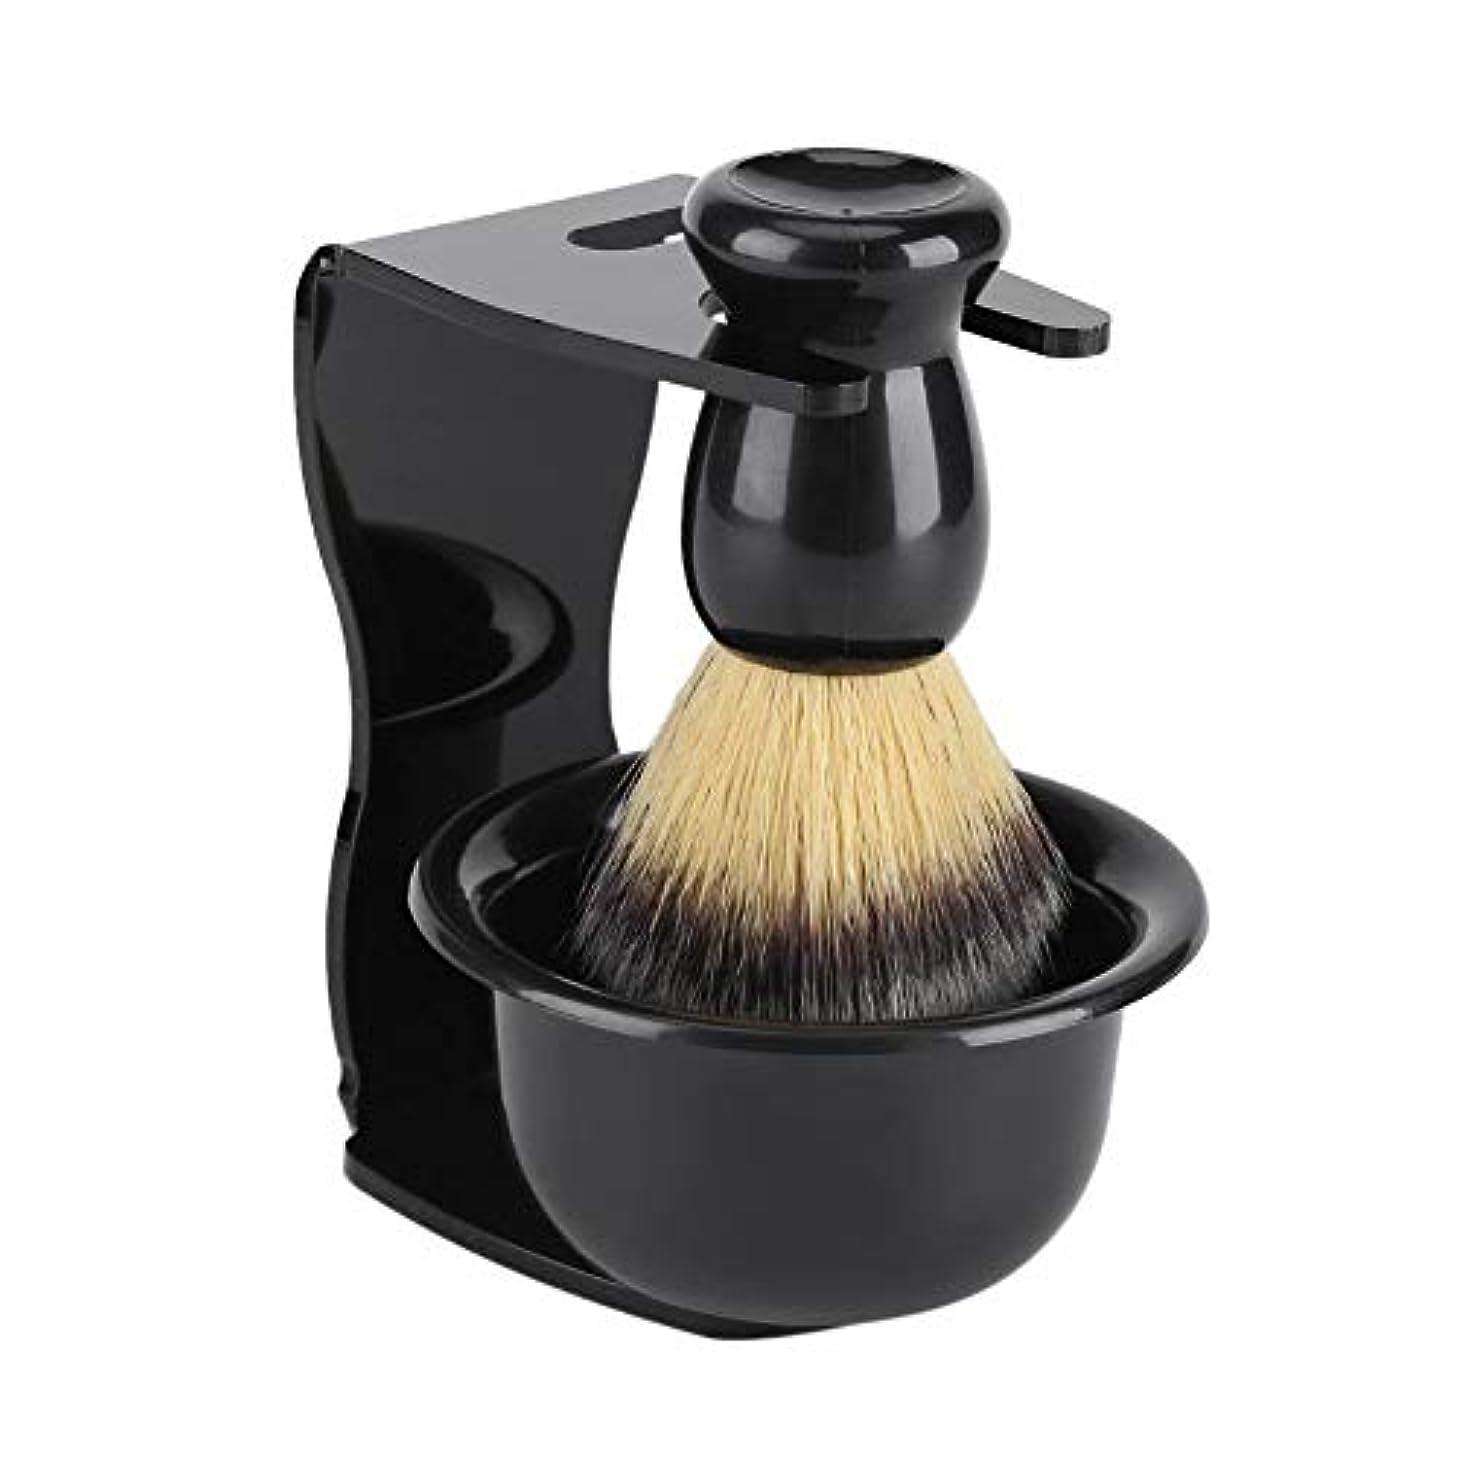 ポットヘッジオーロック3セットひげブラシ シェービングブラシ プレゼントシェービングブラシセット プラシスタンド 石鹸ボウル 理容 洗顔 髭剃り